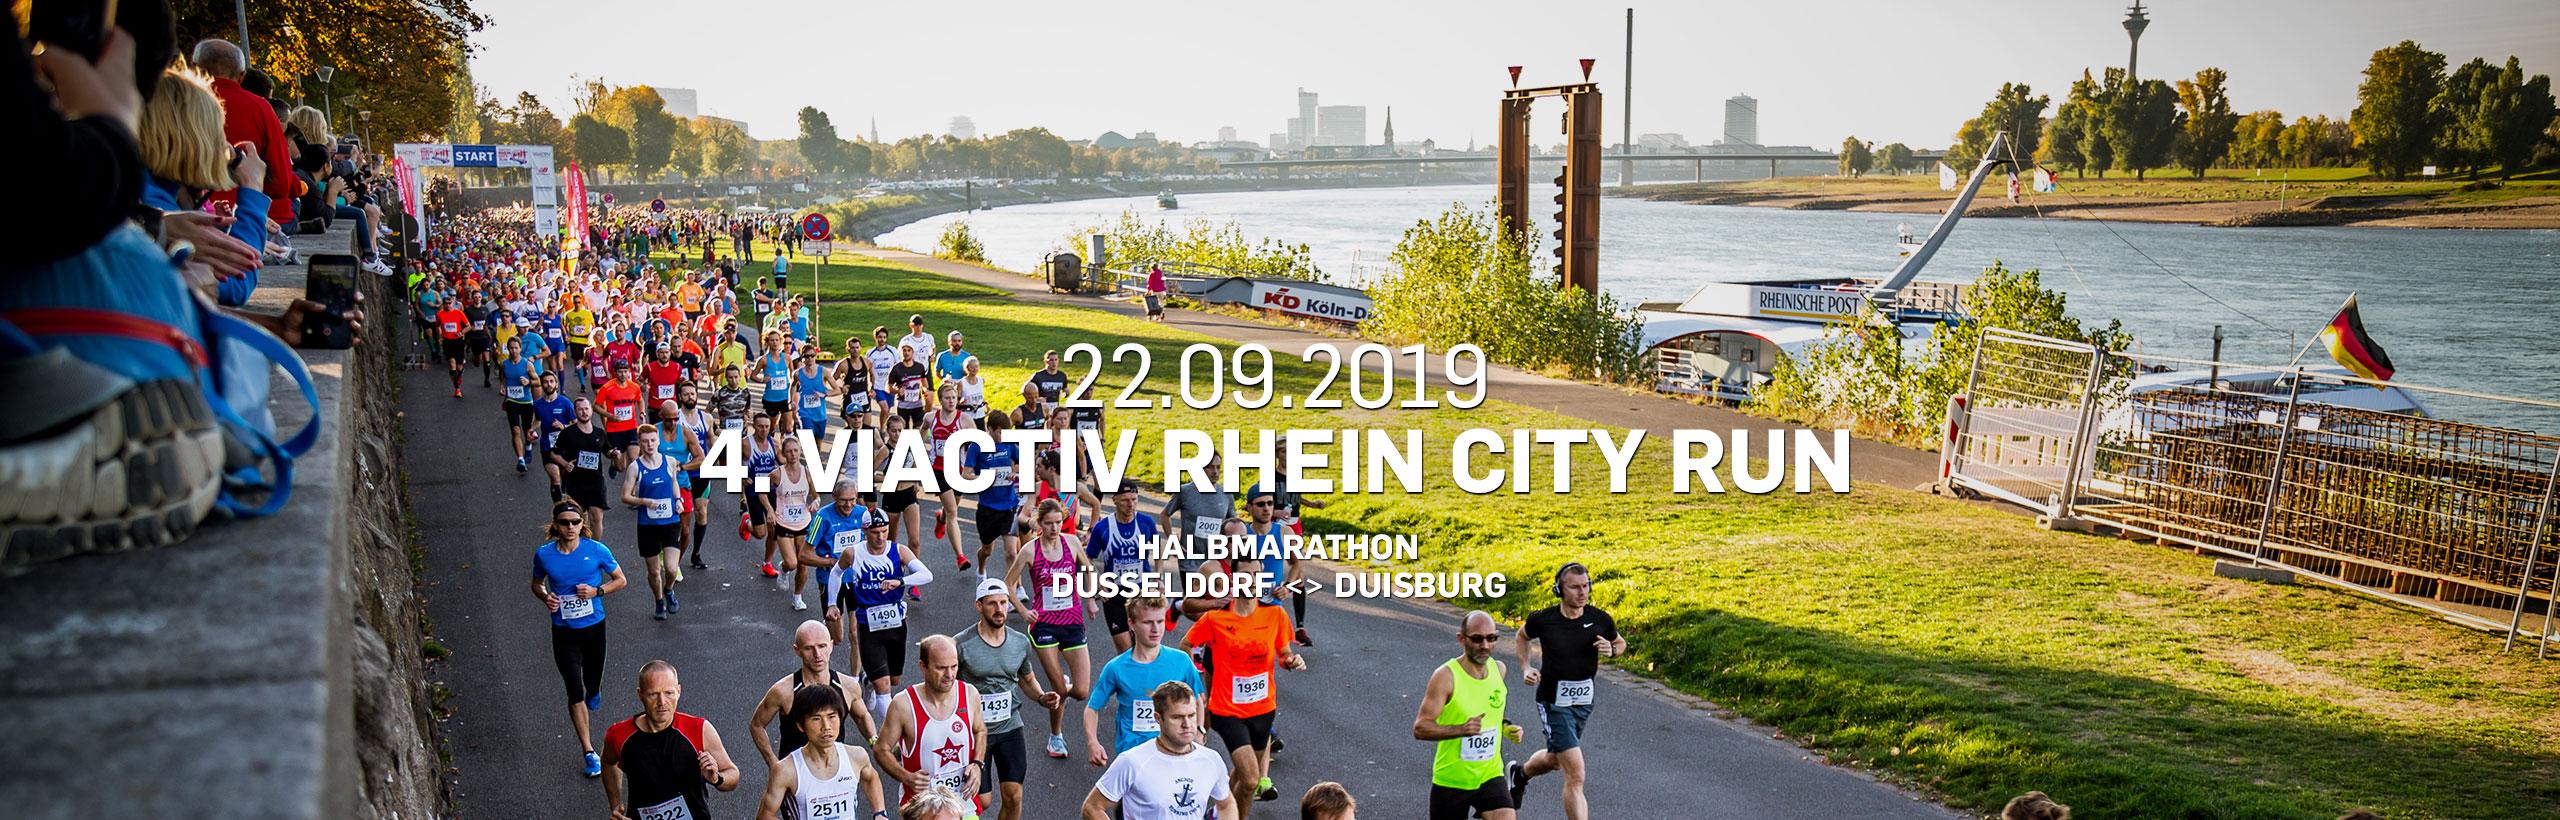 VIACTIV Rhein City Run Halbmarathon